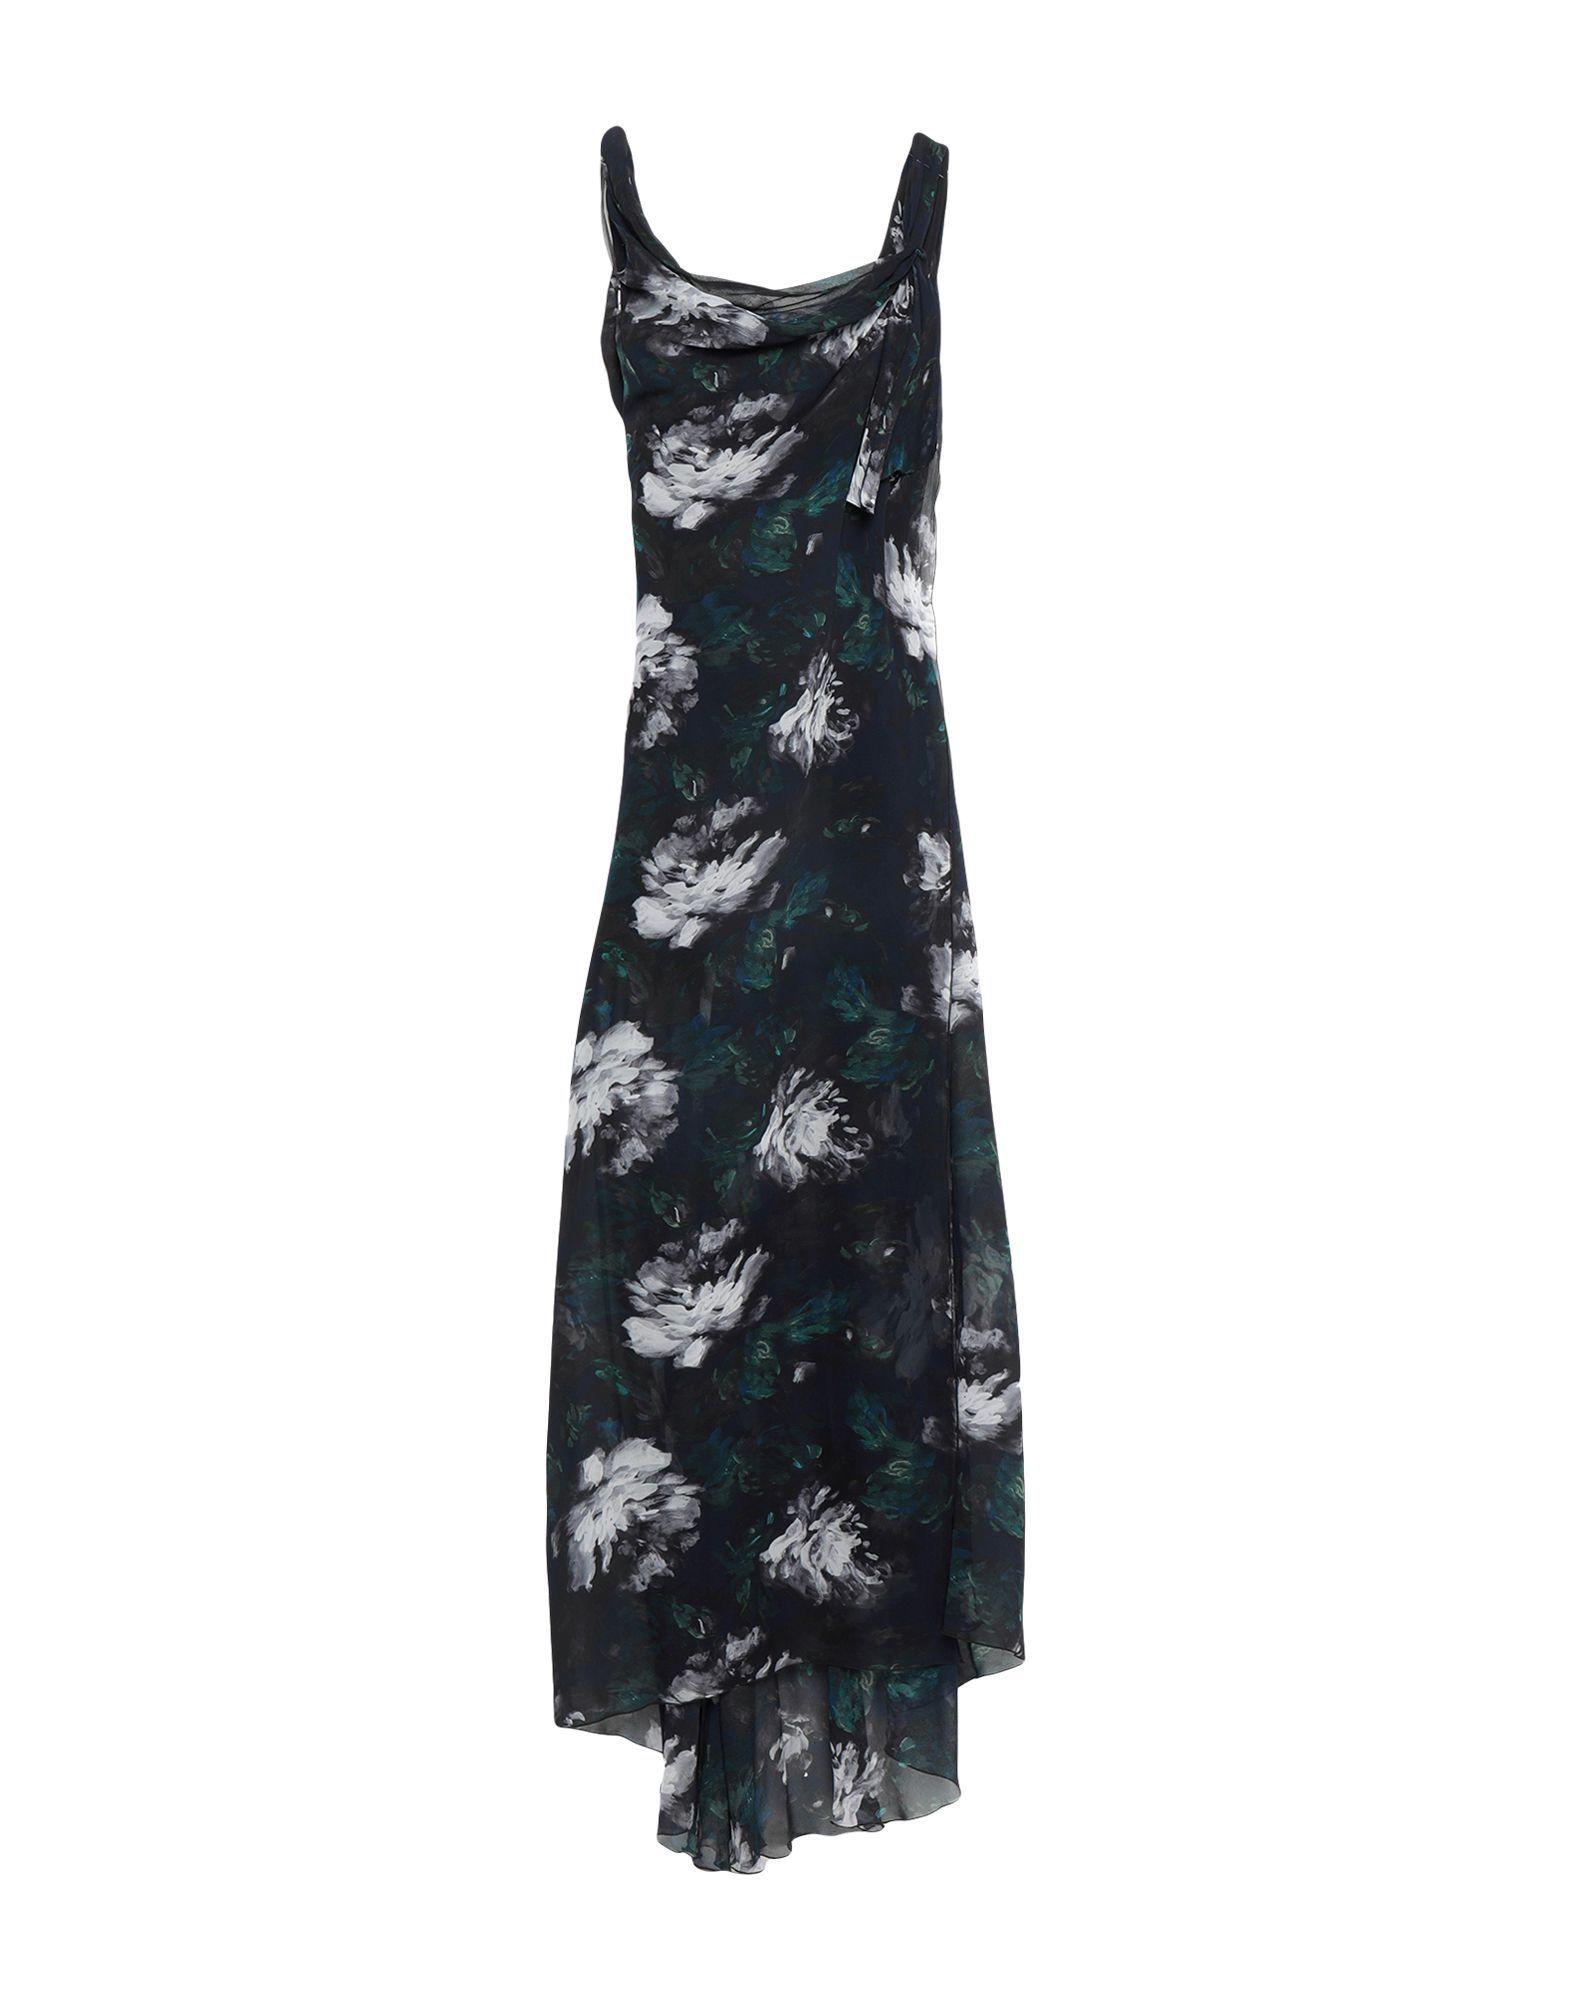 Patrizia Pepe Black Print Crepe Dress